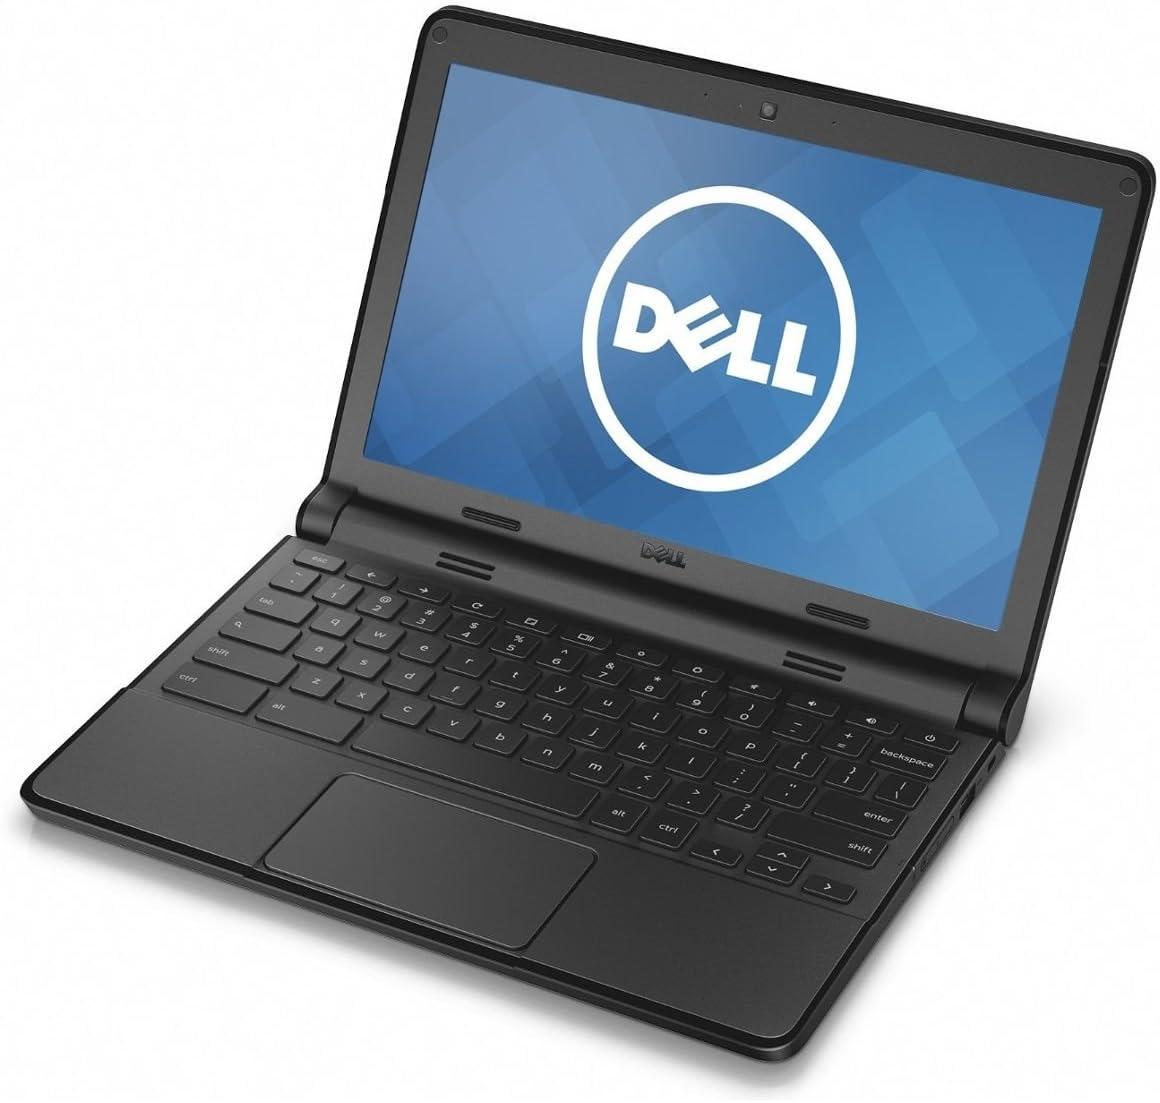 """Dell 11-3120 Intel Celeron N2840 X2 2.16GHz 4GB 16GB 11.6"""" Chrome OS,Black(Scratch and Dent)"""